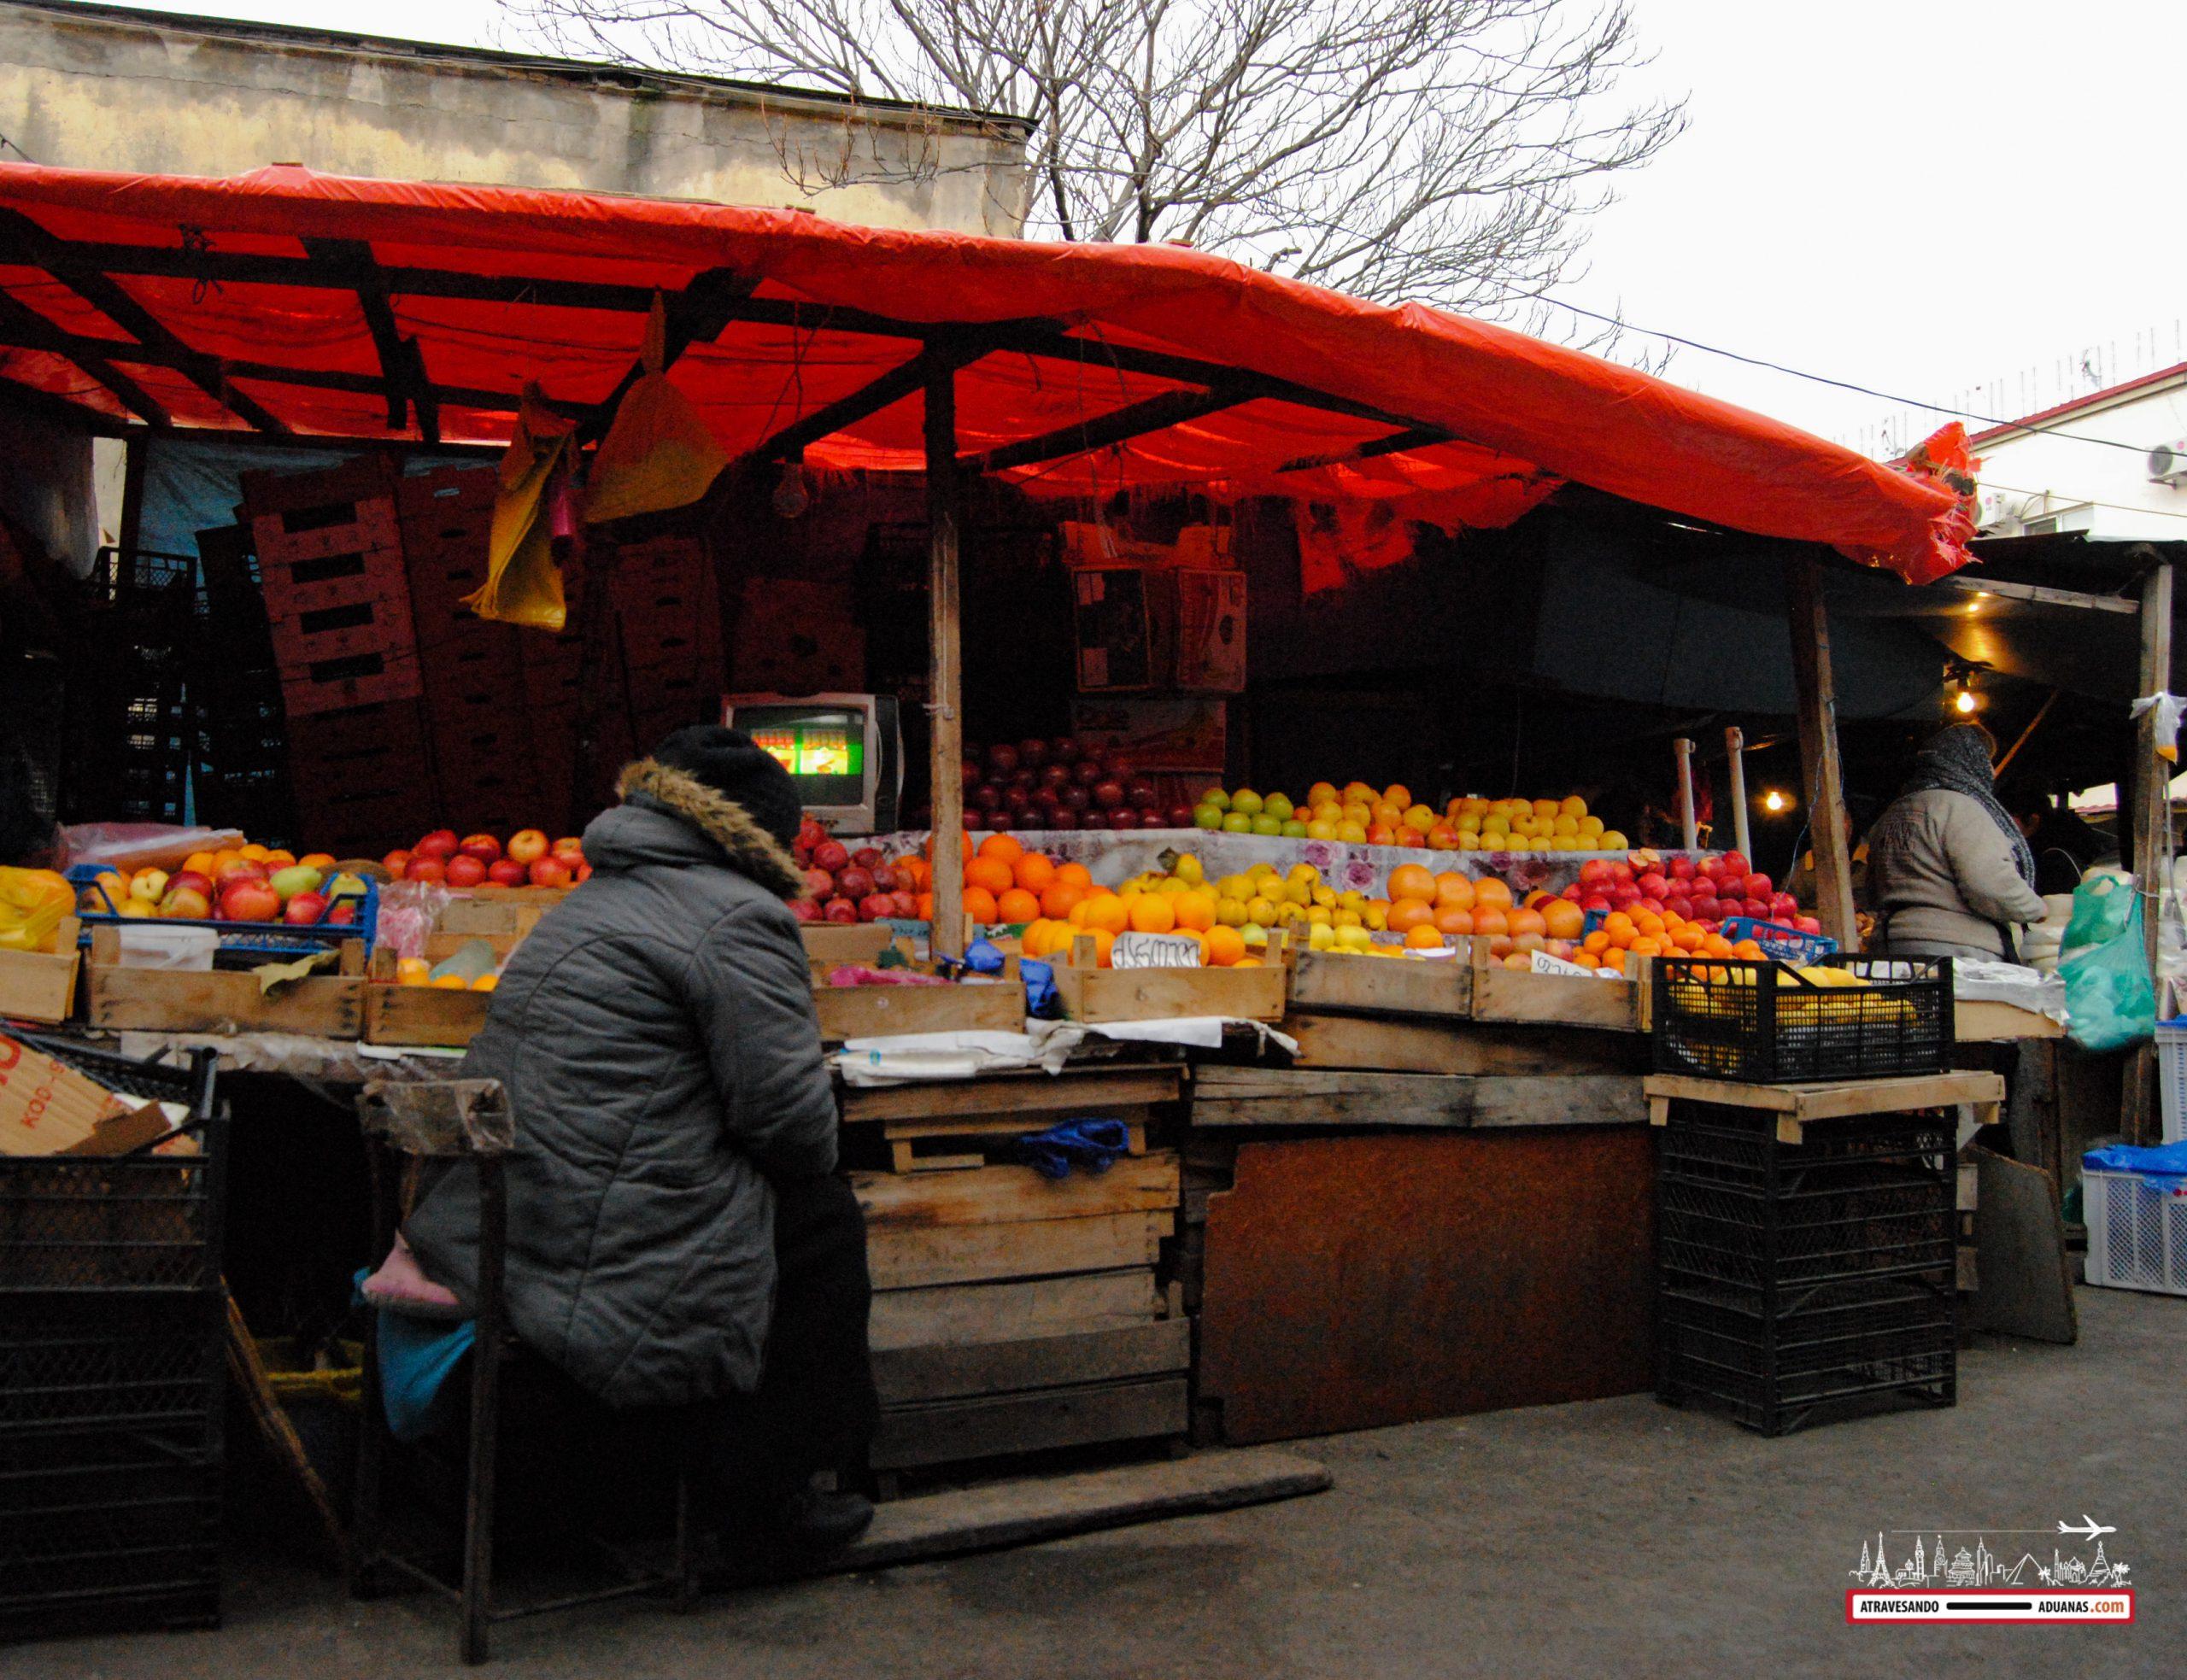 parada de fruta en el dezerter bazaar de tbilisi